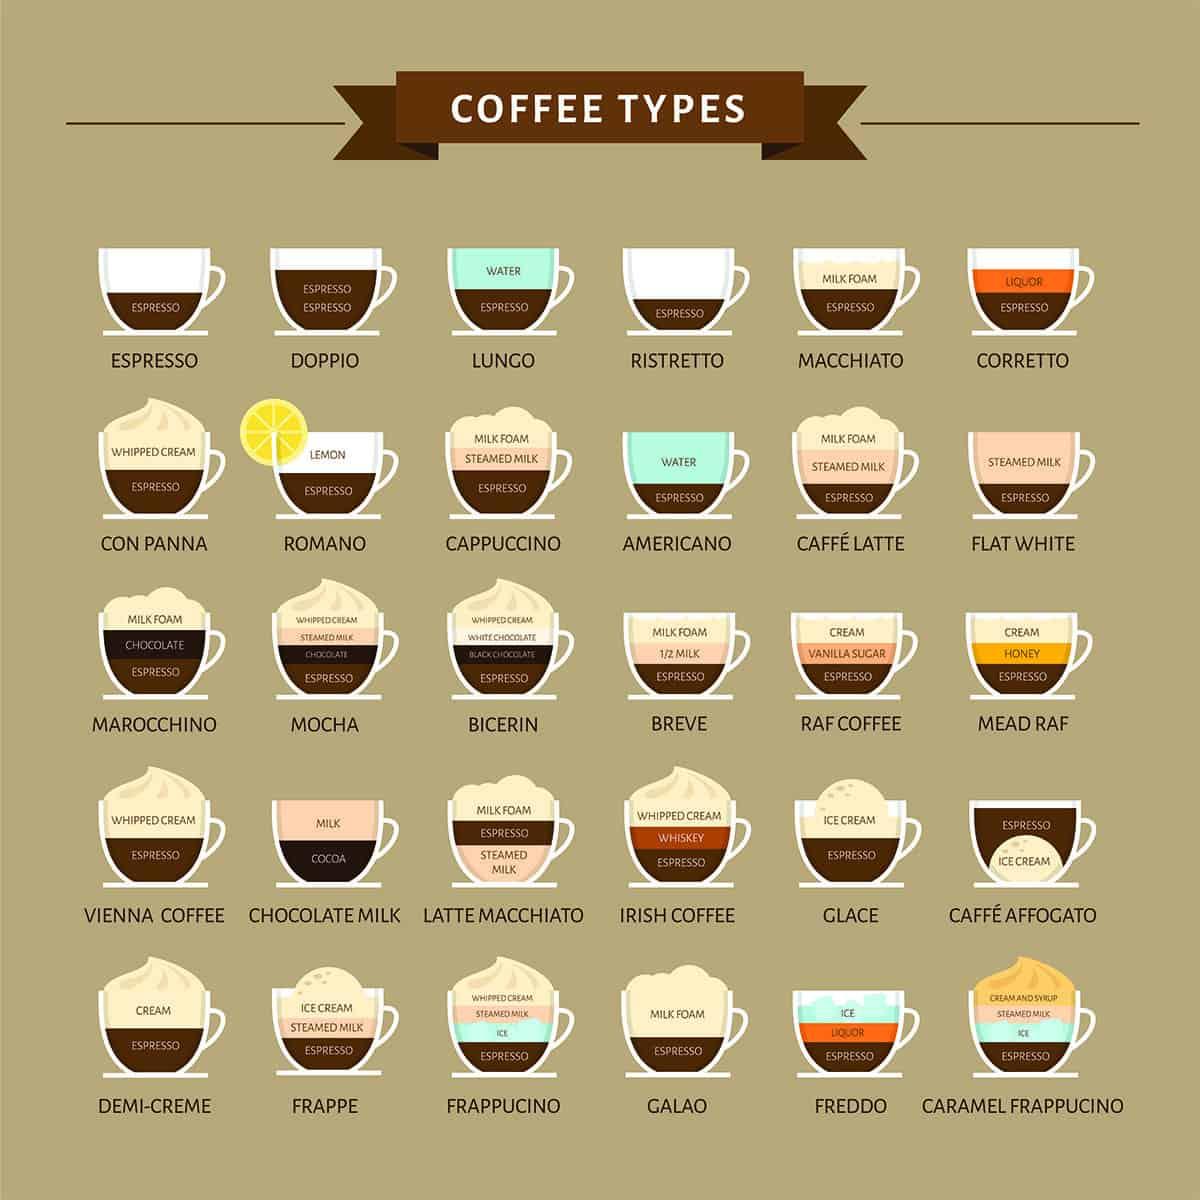 افضل انواع مشروبات القهوة المستخدمة في ماكينة القهوة